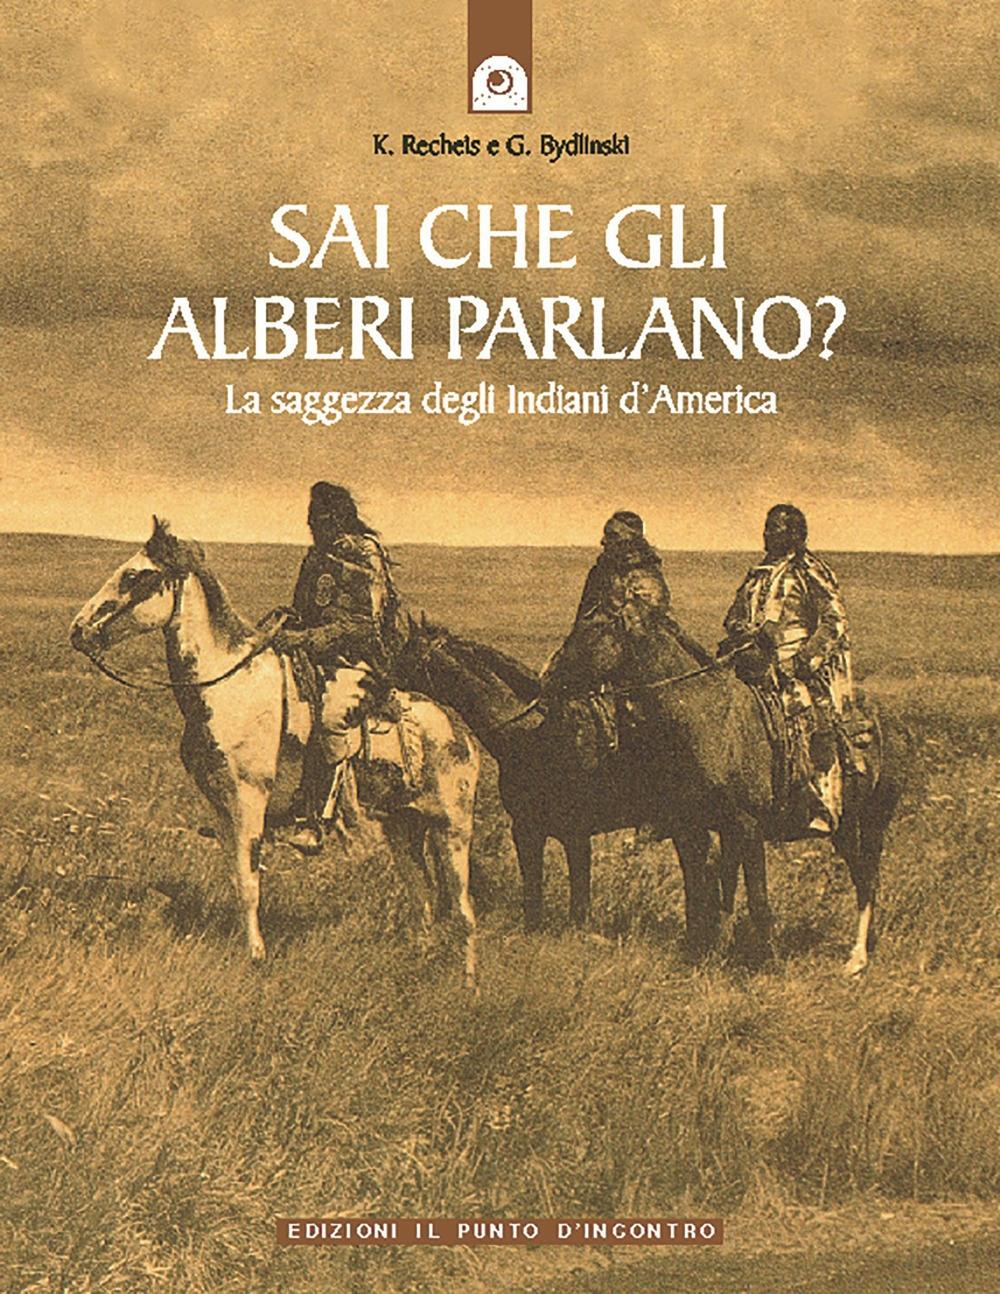 Sai che gli Alberi Parlano? la Saggezza degli Indiani d'America